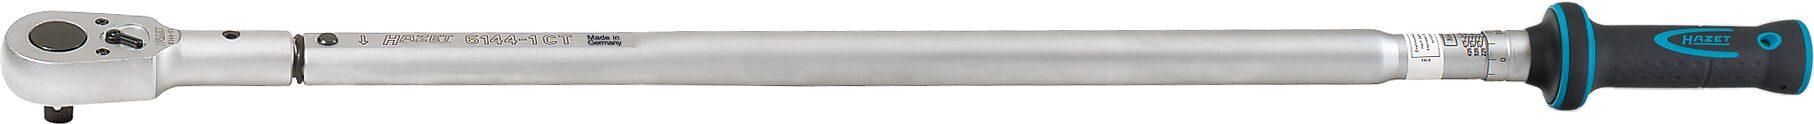 HAZET Drehmoment-Schlüssel 6144-1CTCAL ∙ Nm min-max: 200–500 Nm ∙ Toleranz: 2%